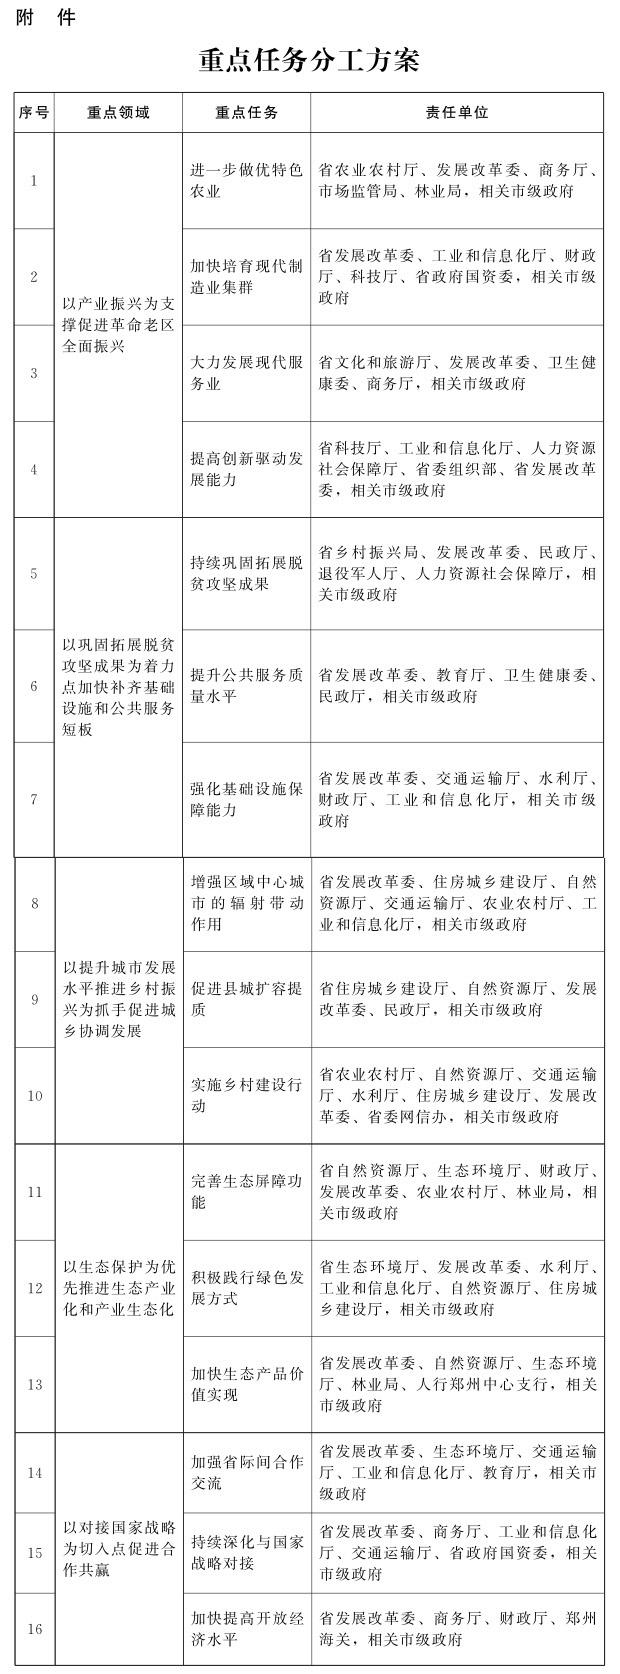 河南省人民政府关于新时代支持革命老区振兴发展的实施意见